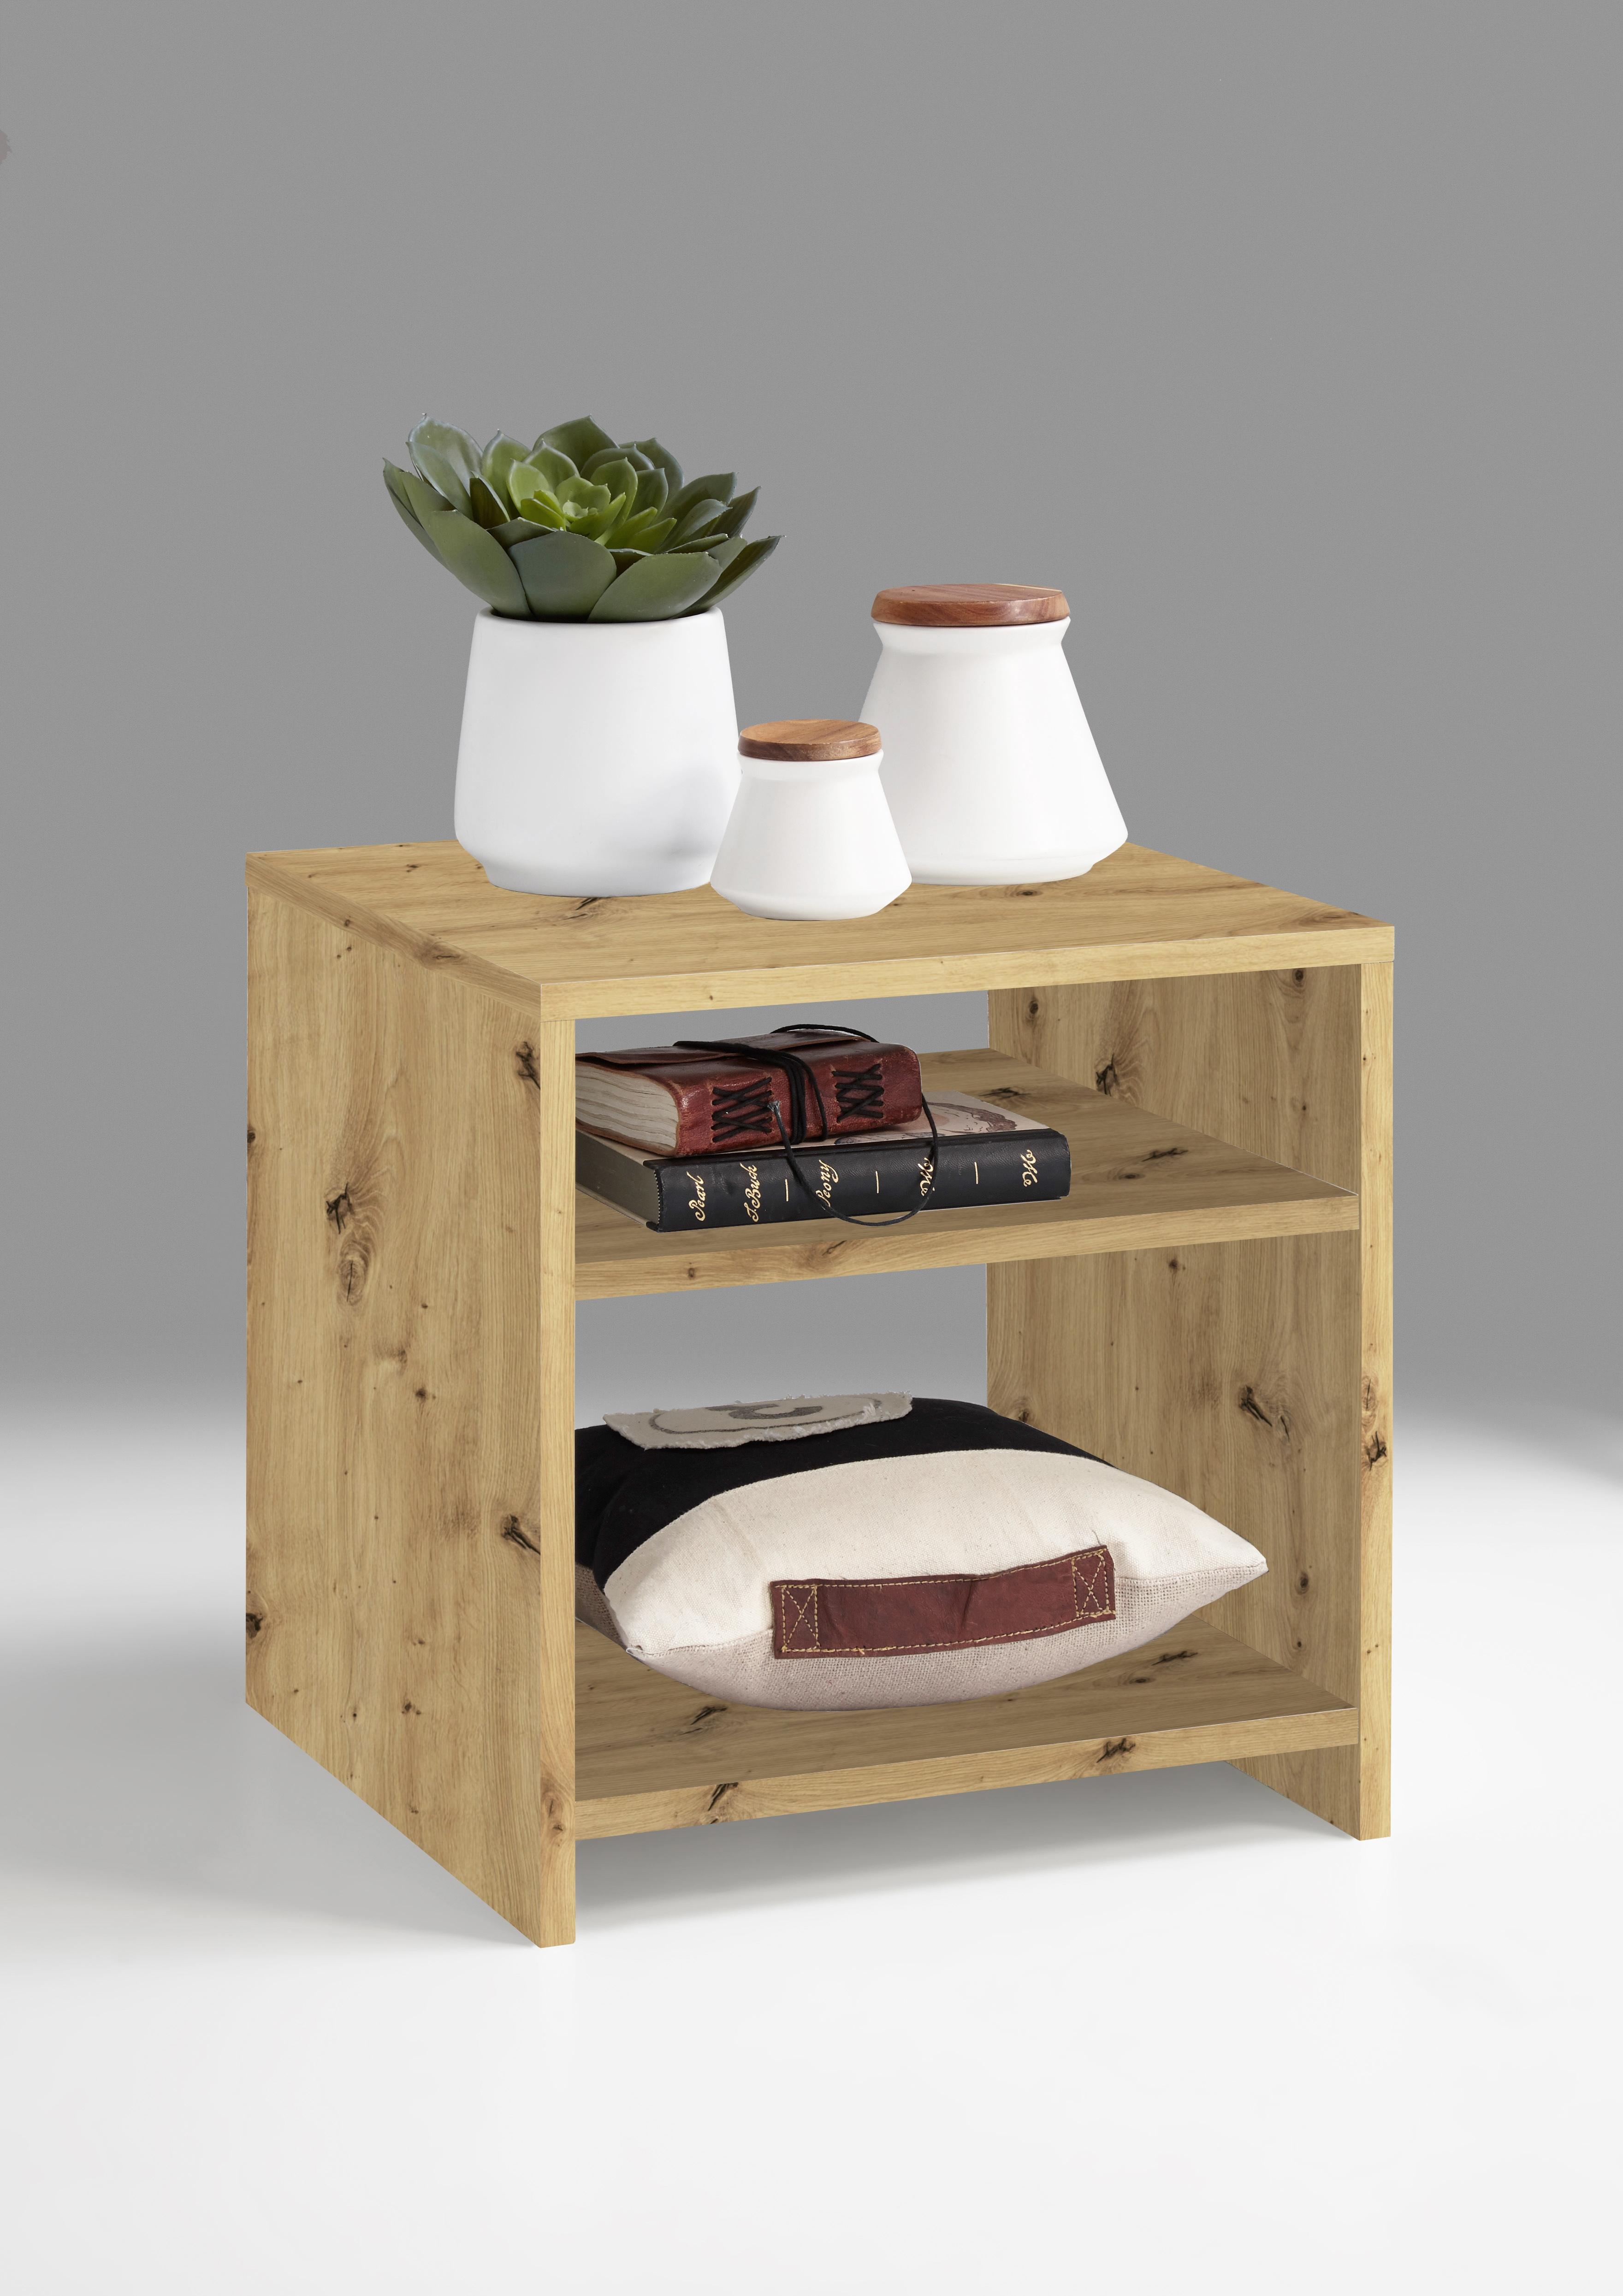 FMD Beistelltisch Lund Wohnen/Möbel/Tische/Beistelltische